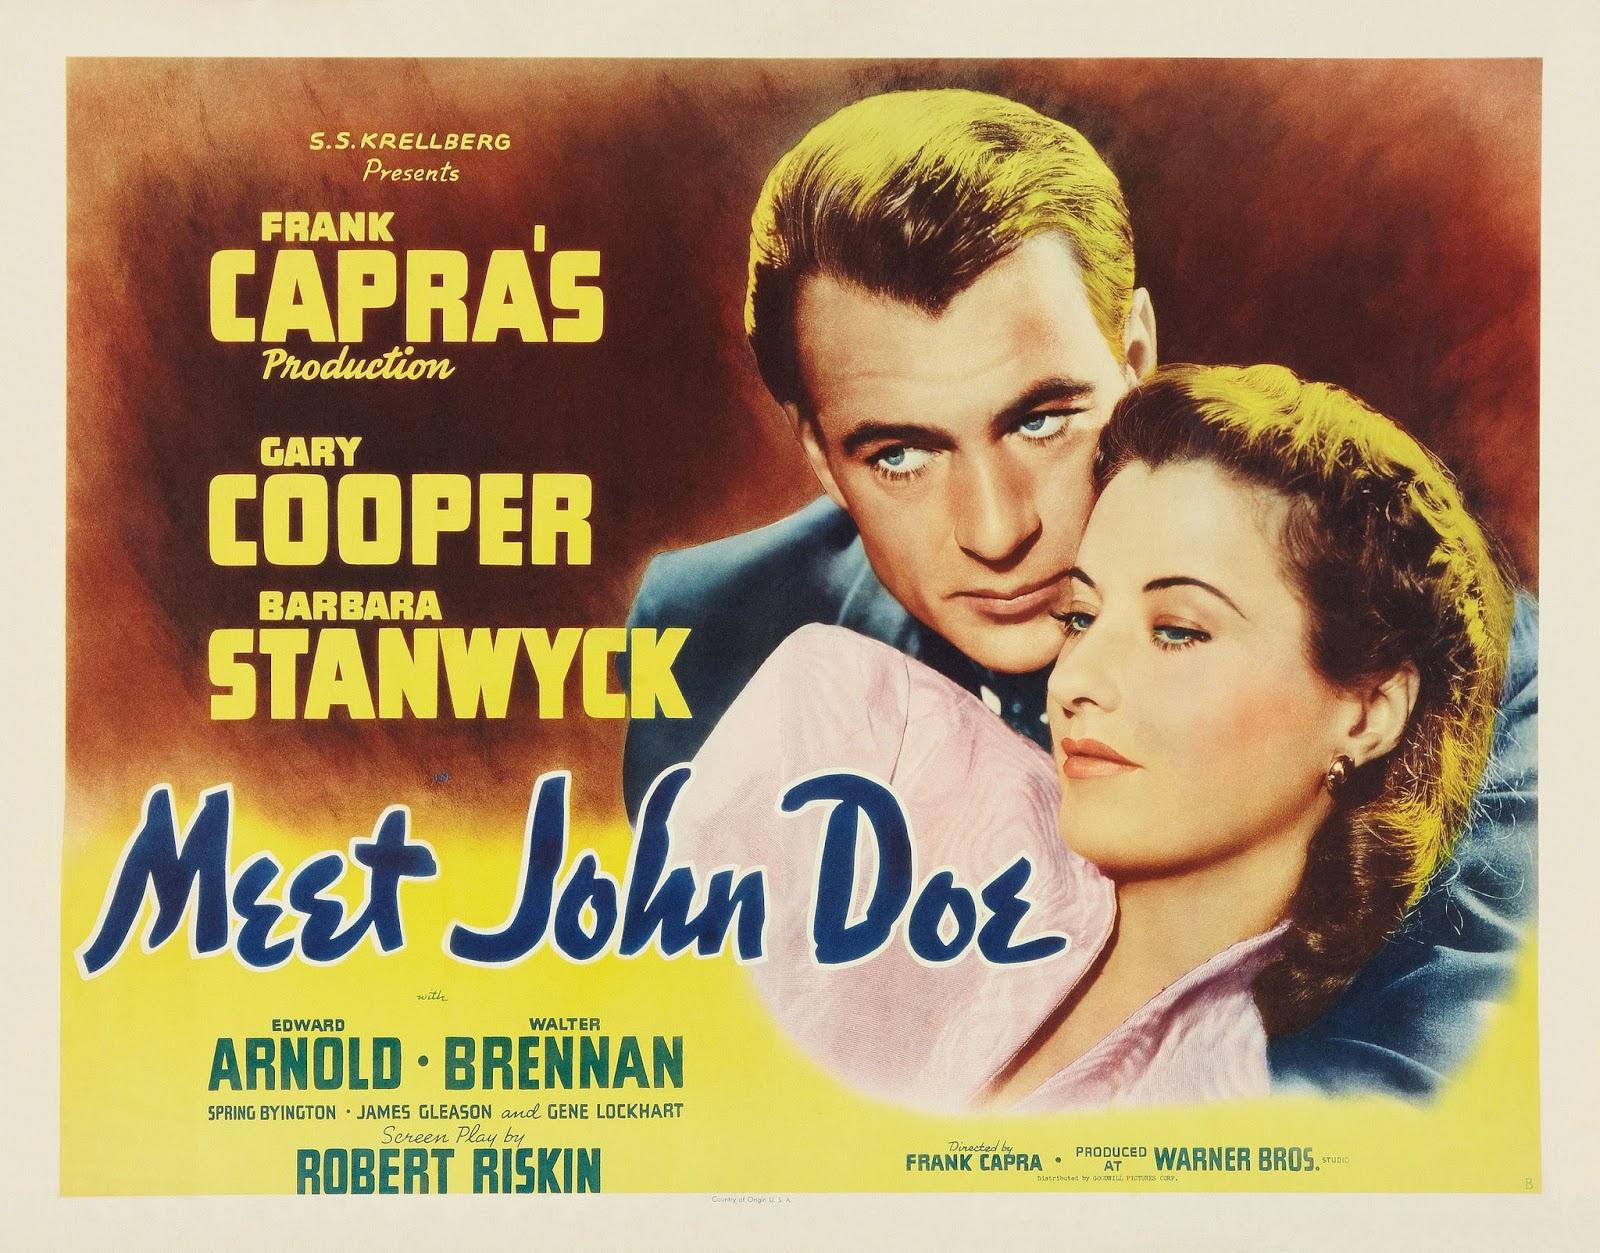 Imagen del cartel original de la película Meet John Doe (Juan Nadie) de Frank Capra